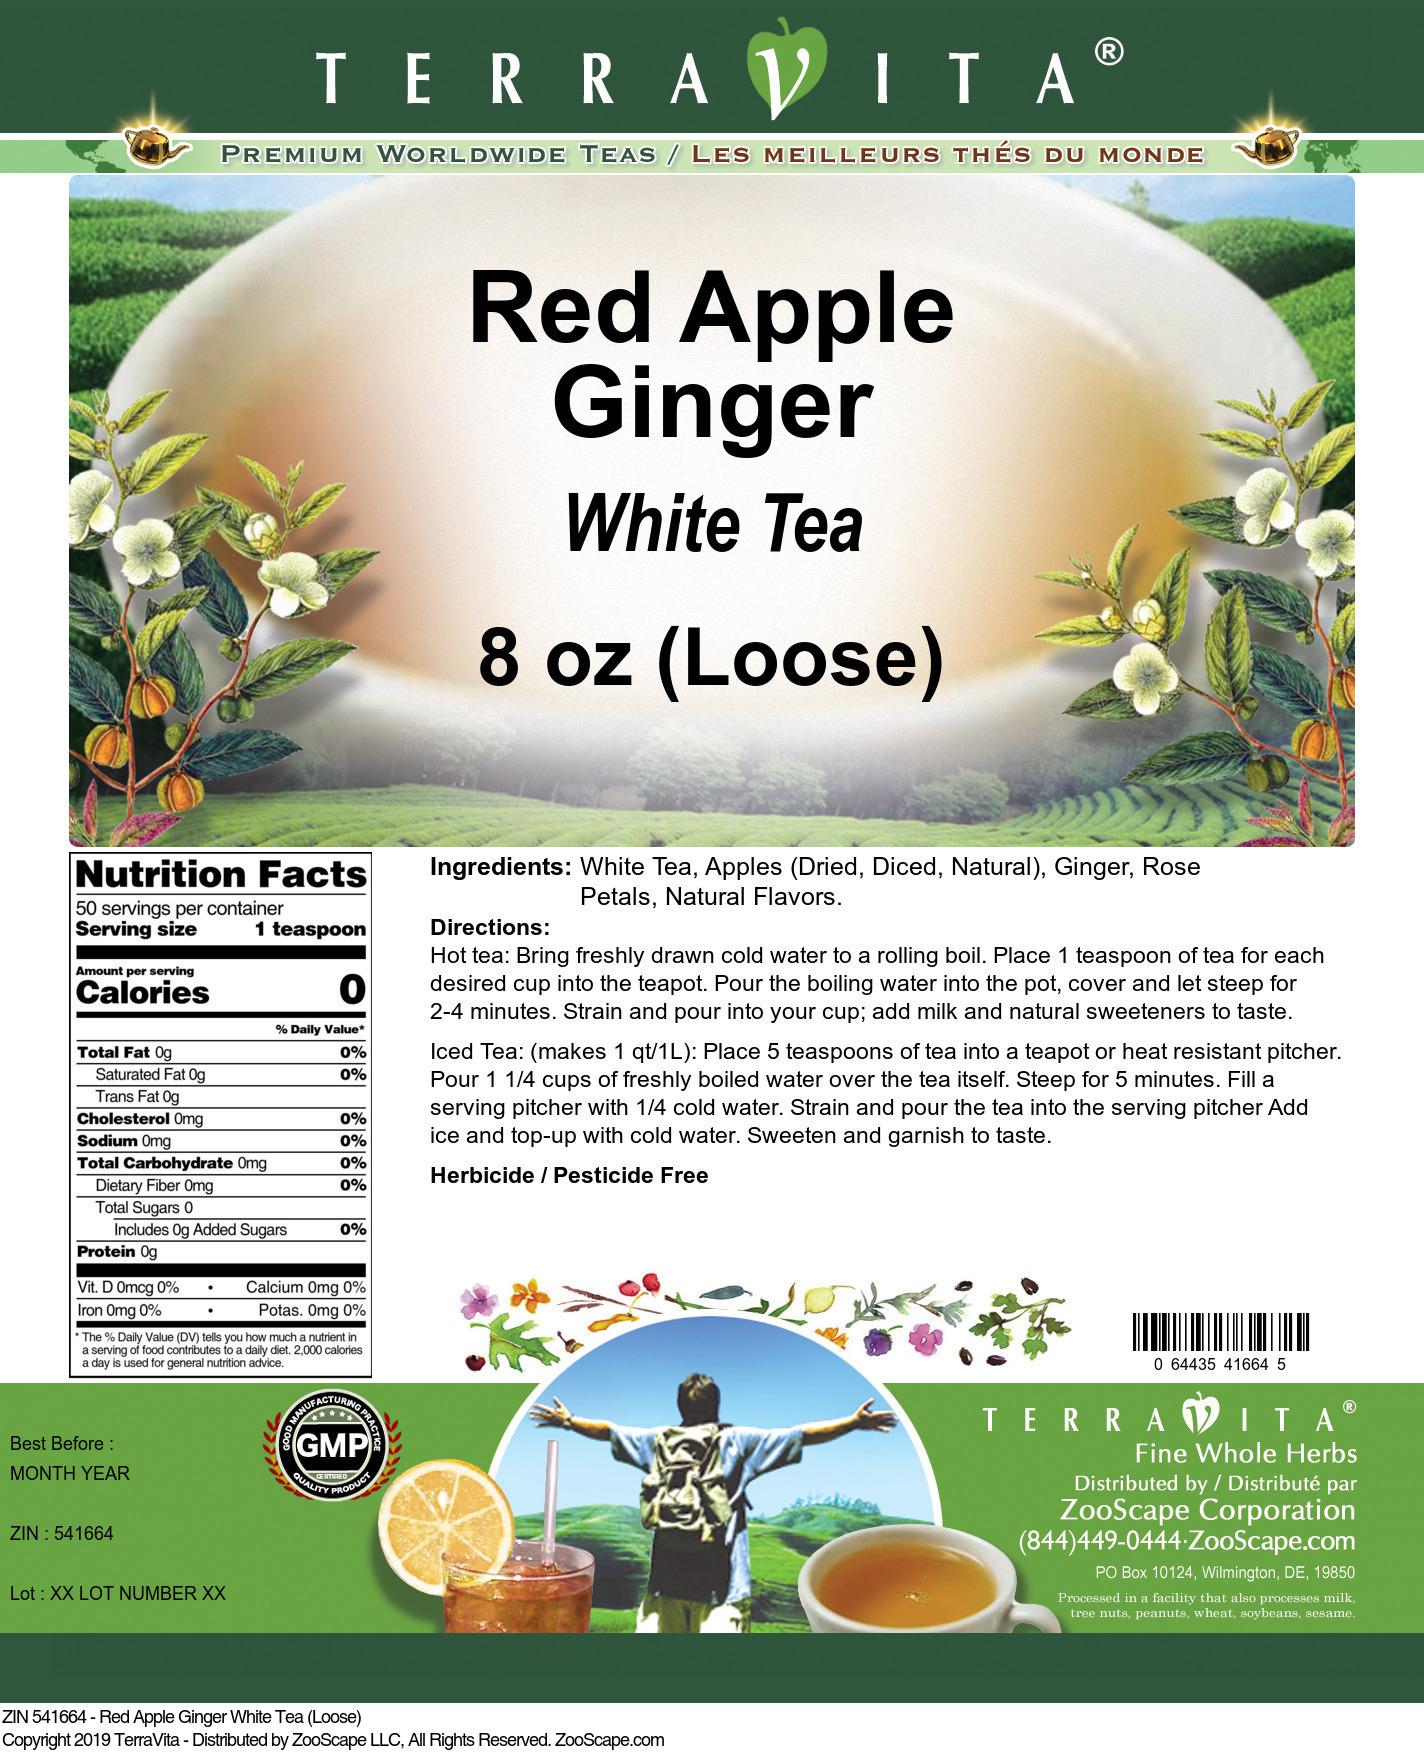 Red Apple Ginger White Tea